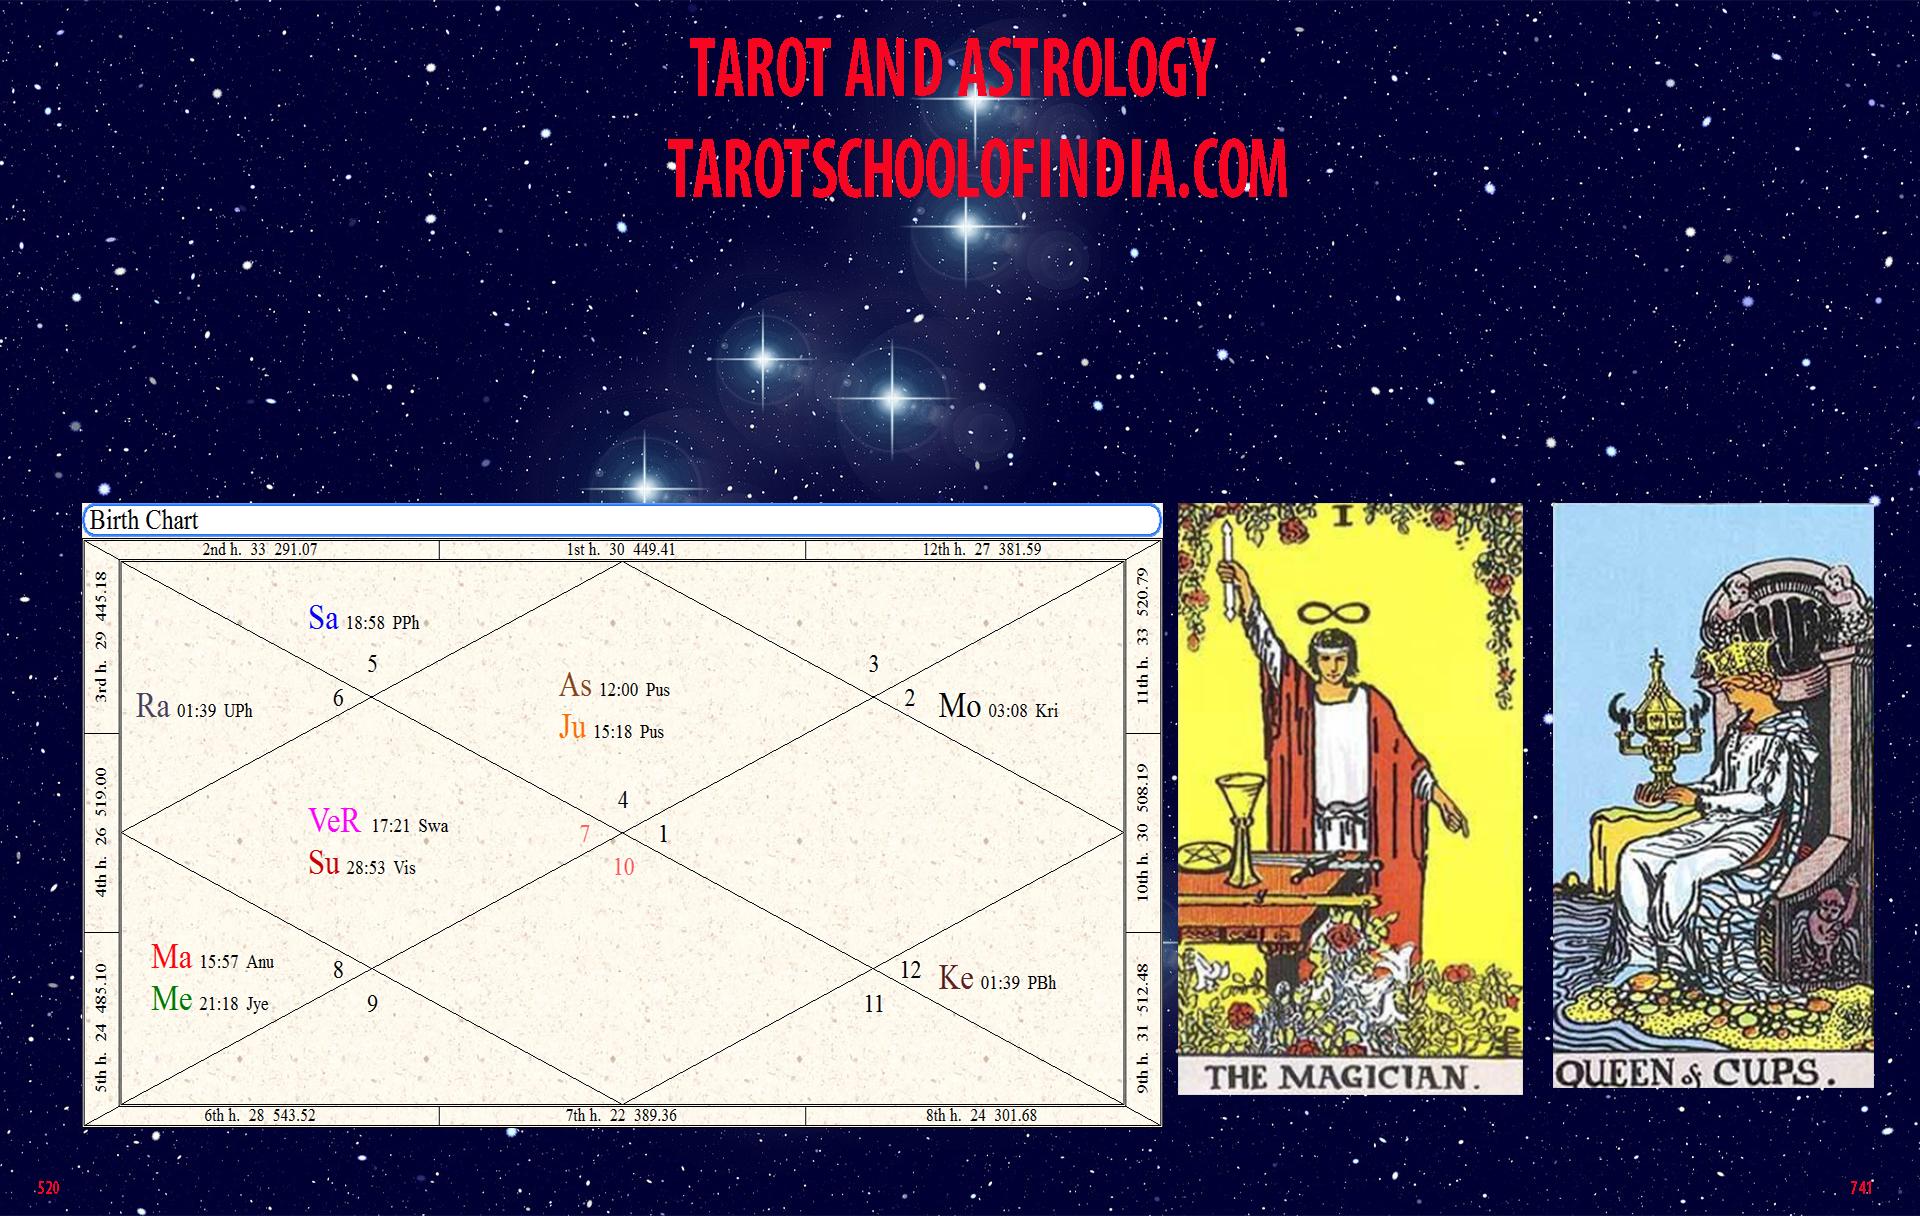 Daily horoscope tarot reading